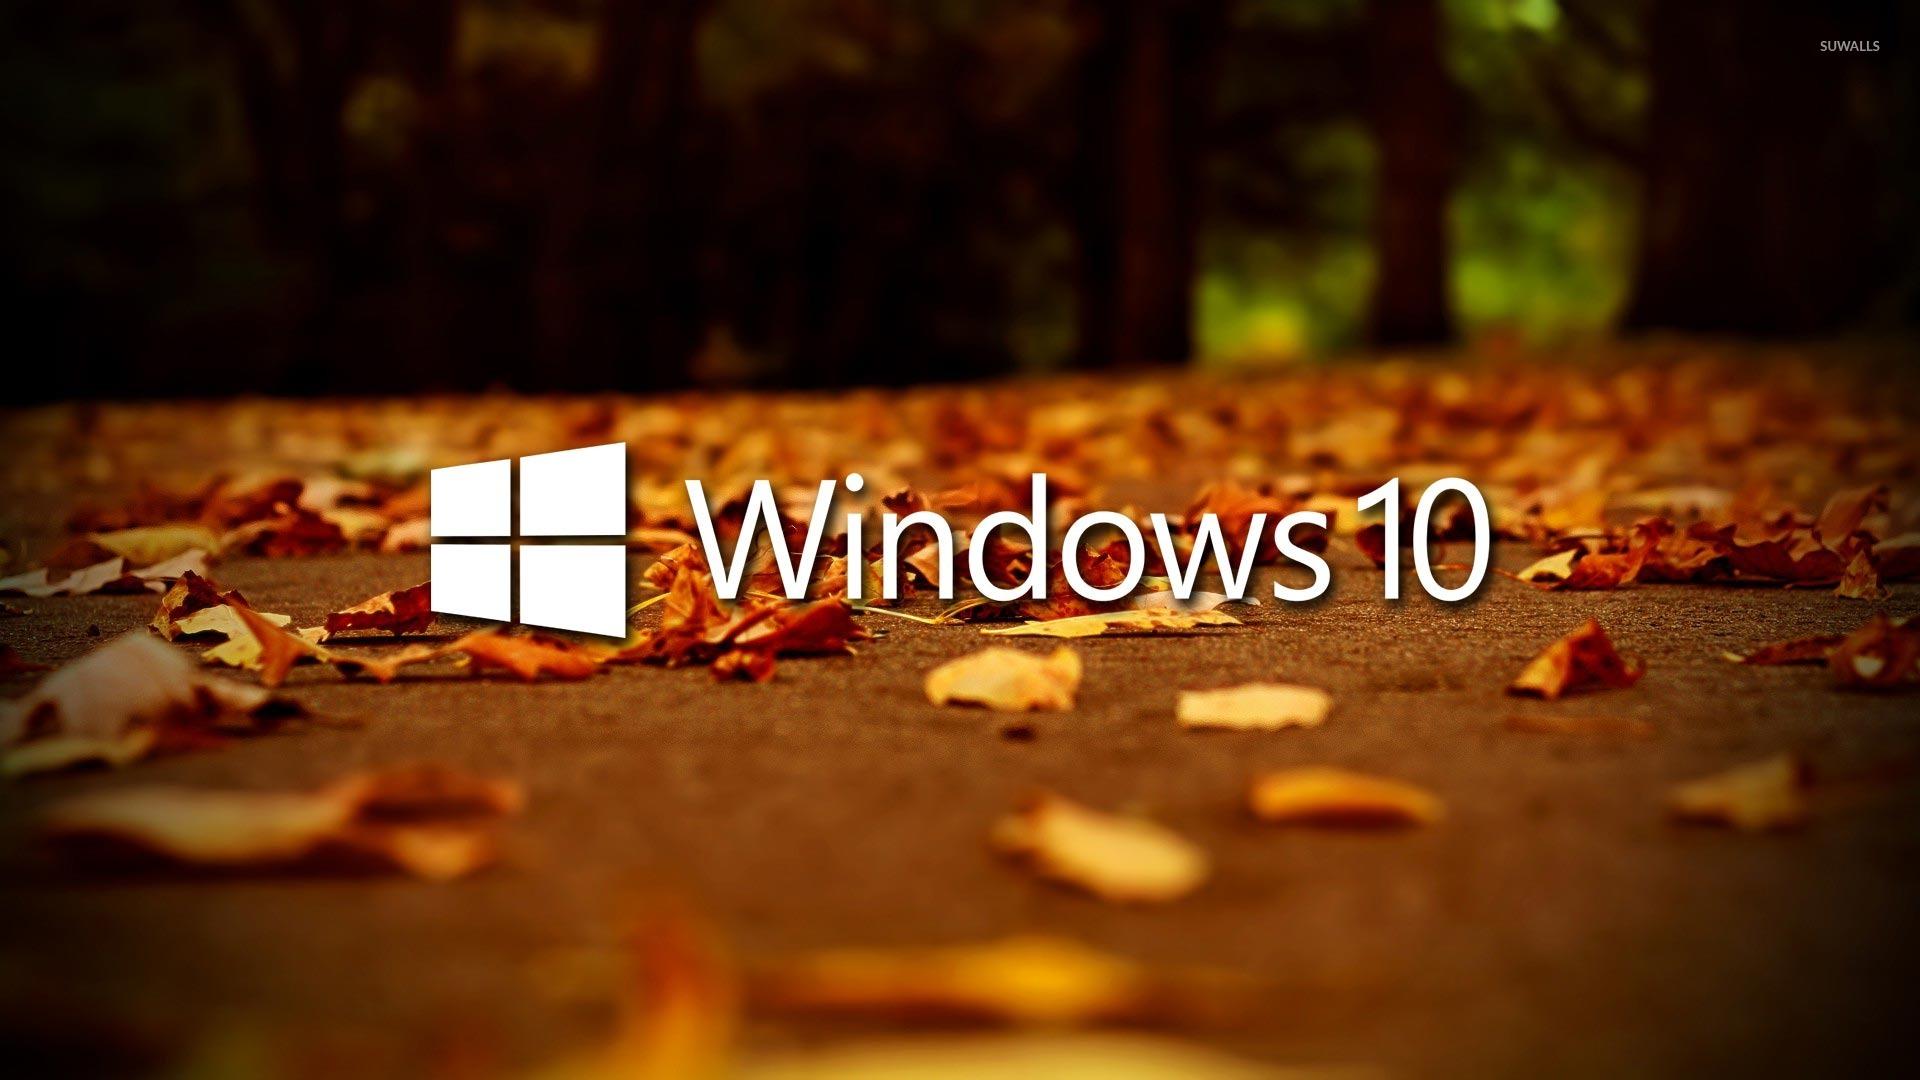 windows 10 on autumn leaves 48845